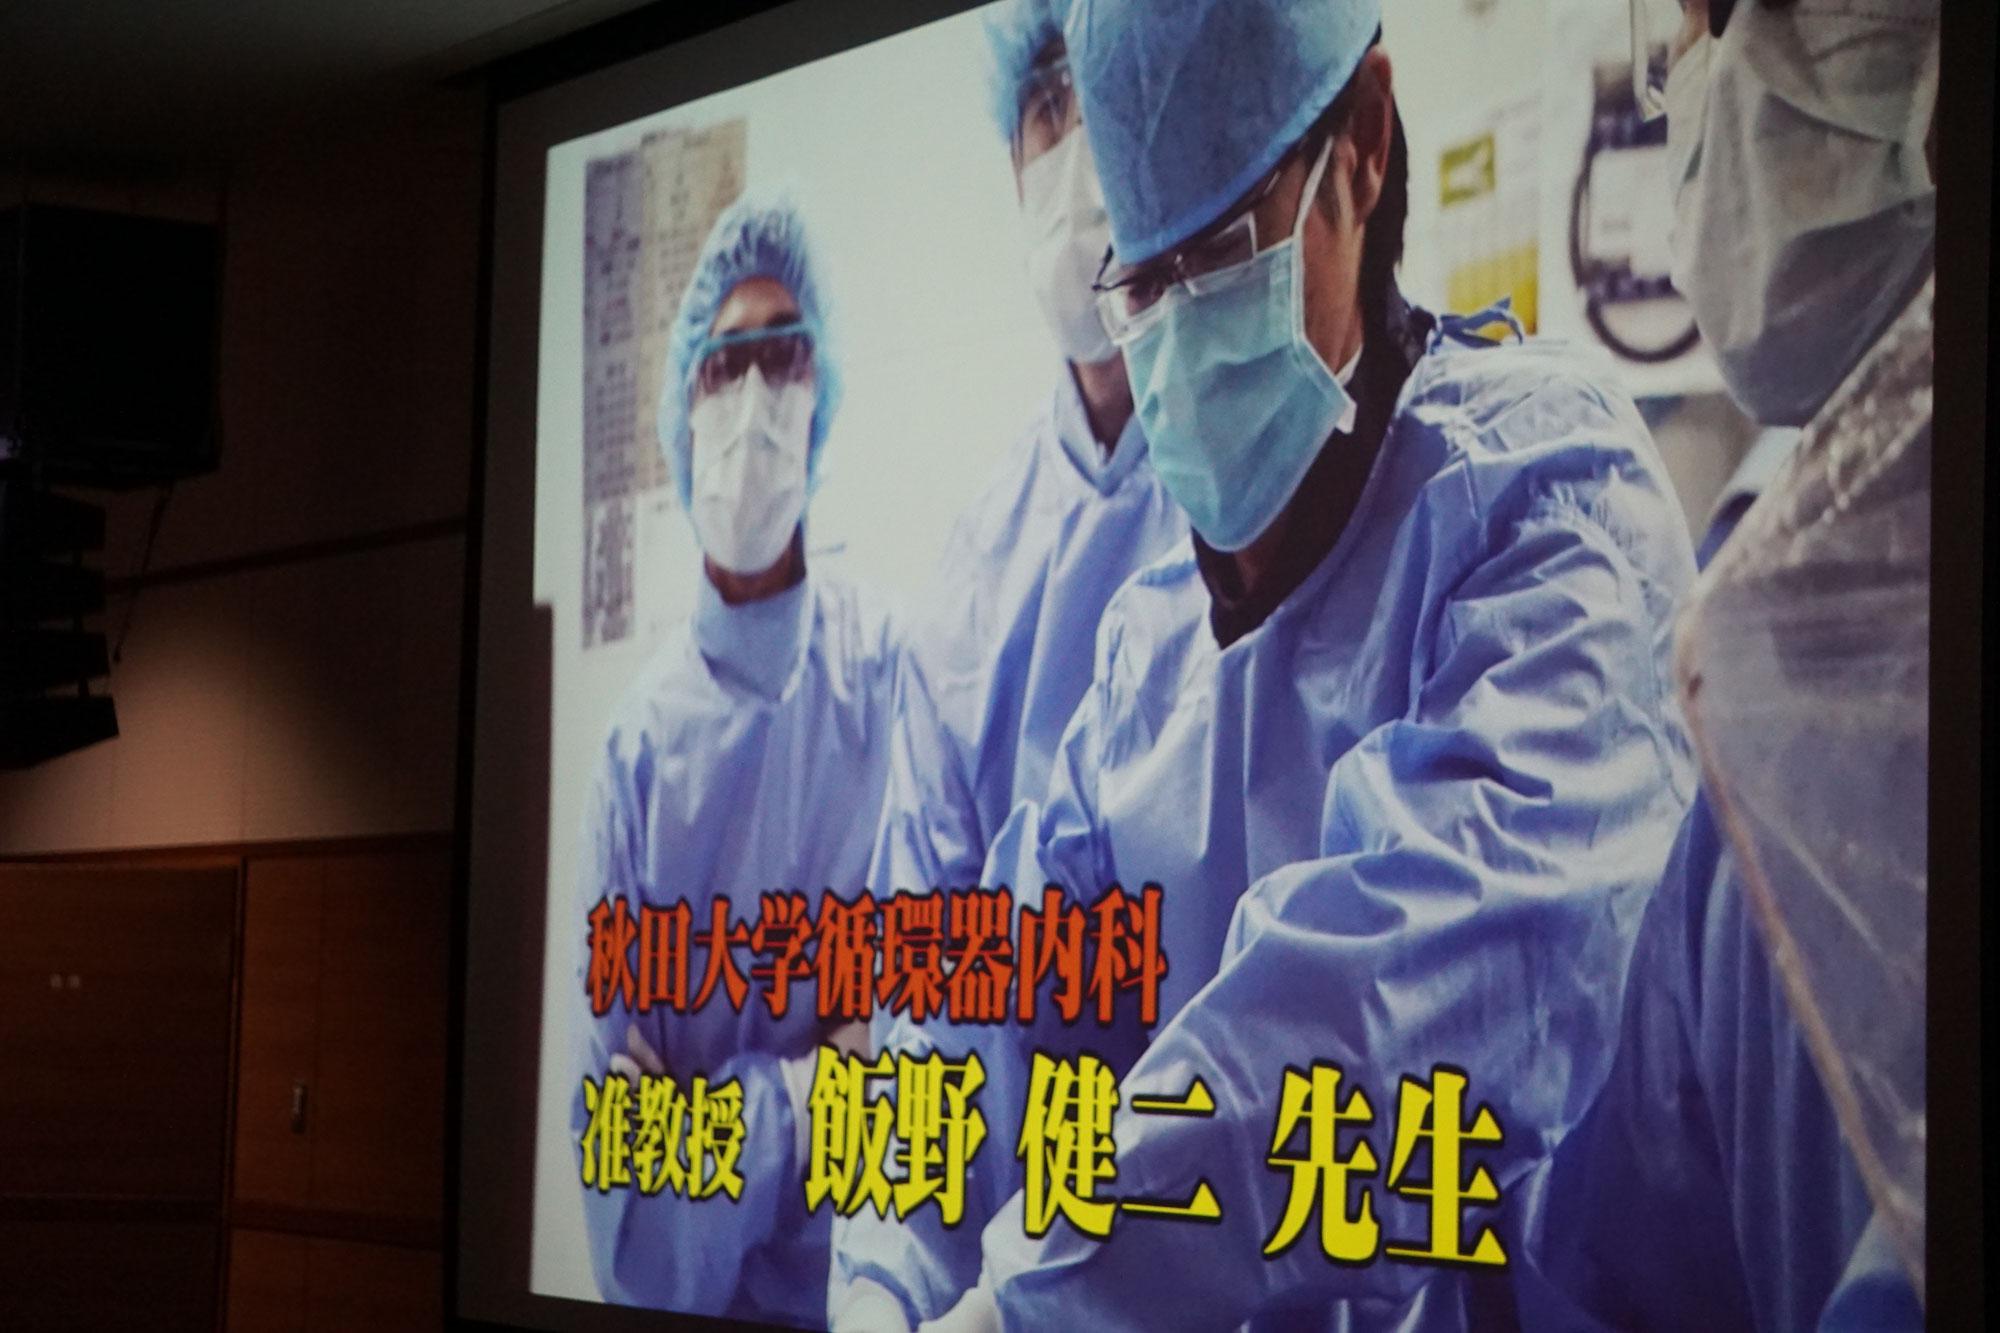 飯野健二先生の御退職